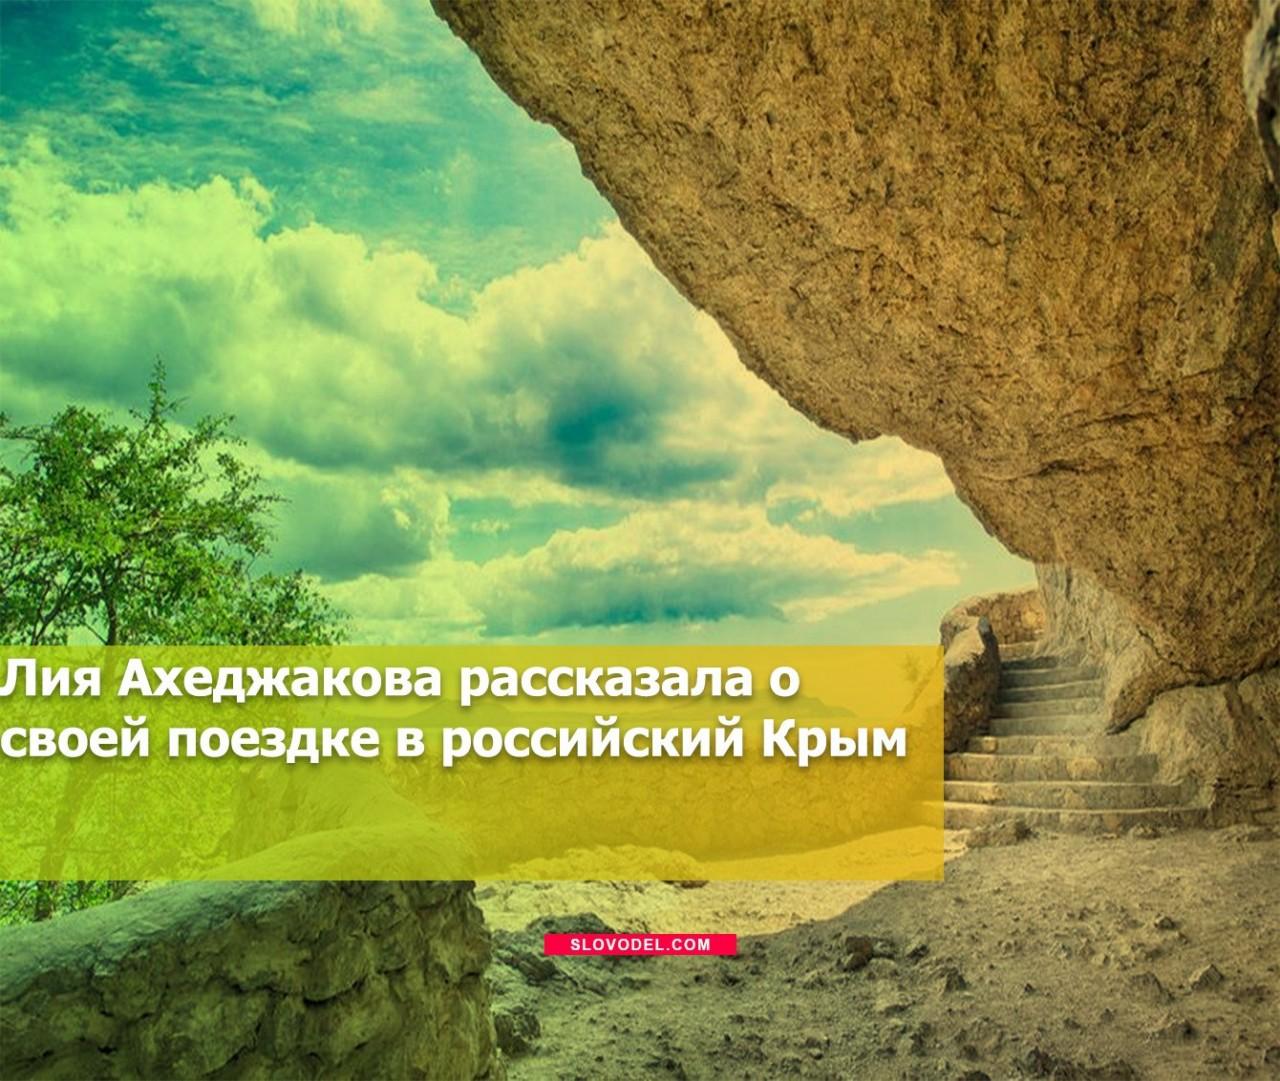 Лия Ахеджакова рассказала о своей поездке в российский Крым